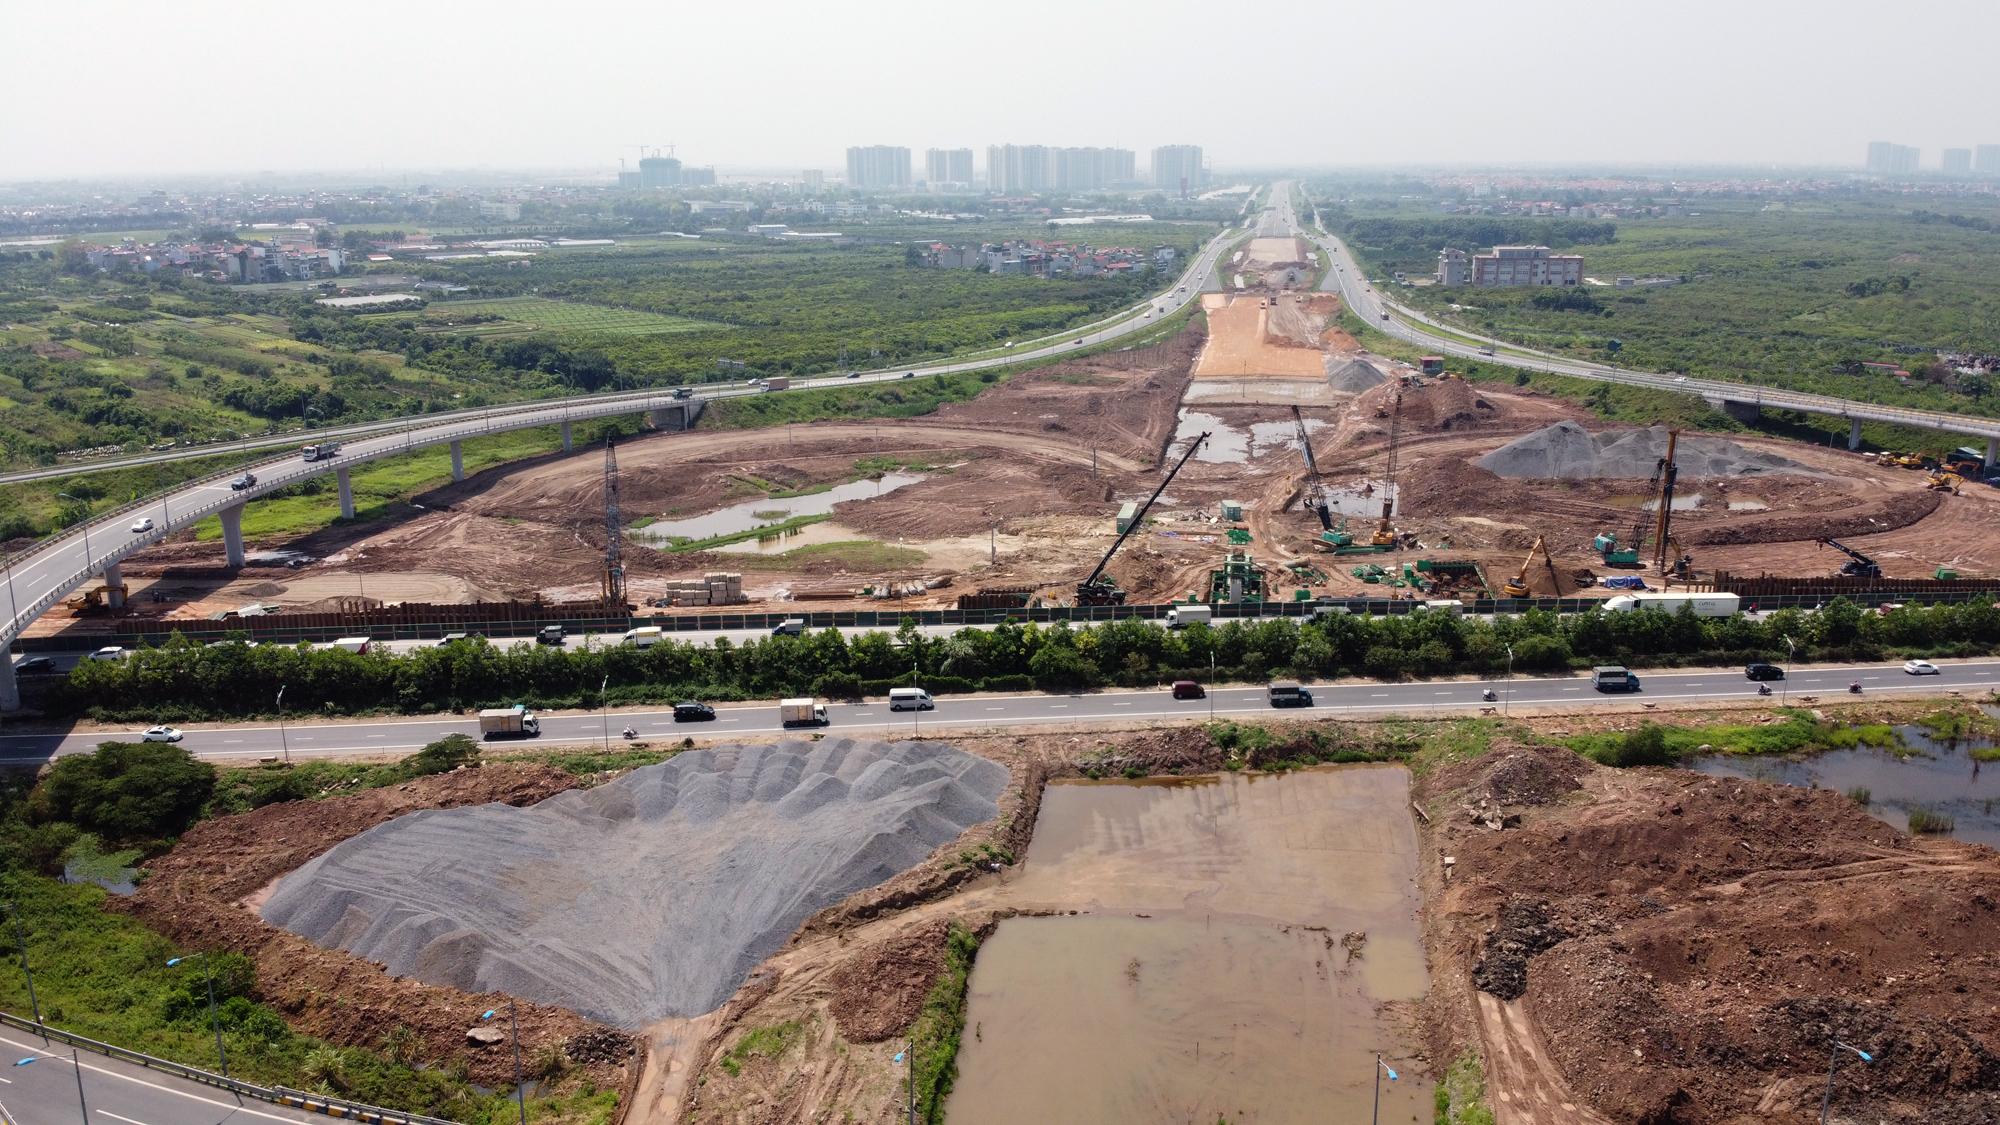 Toàn cảnh dự án xây dựng nút giao Vành đai 3 với cao tốc Hà Nội - Hải Phòng - Ảnh 10.